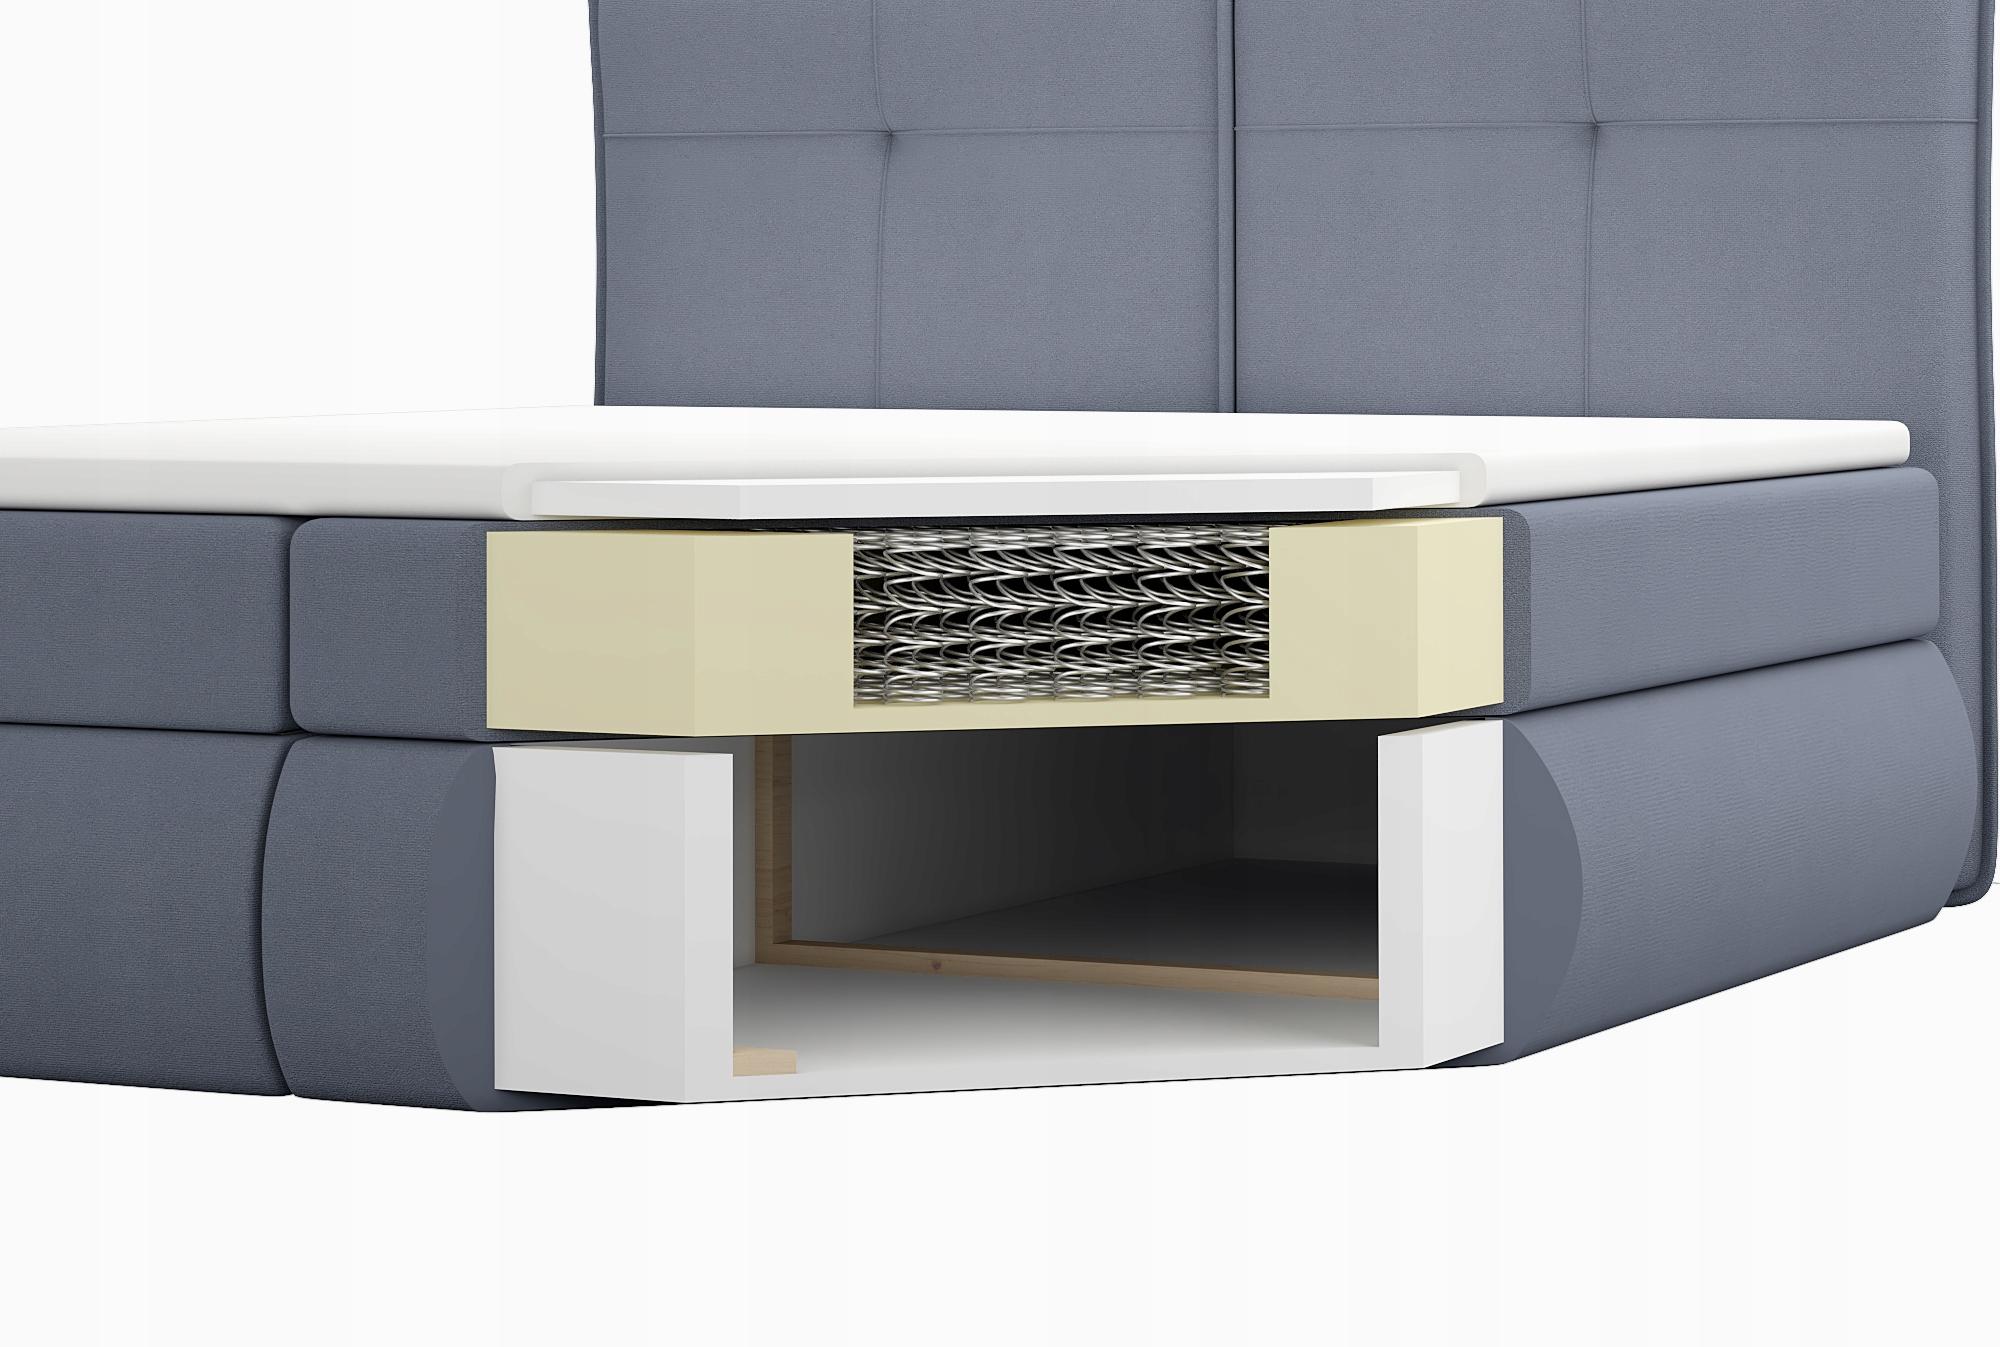 łóżko Kontynentalne 180x200 młodzieżowe OTI Typ łóżka materac w komplecie z zagłówkiem ze stelażem pojemnik na pościel otwierany do góry nie dotyczy